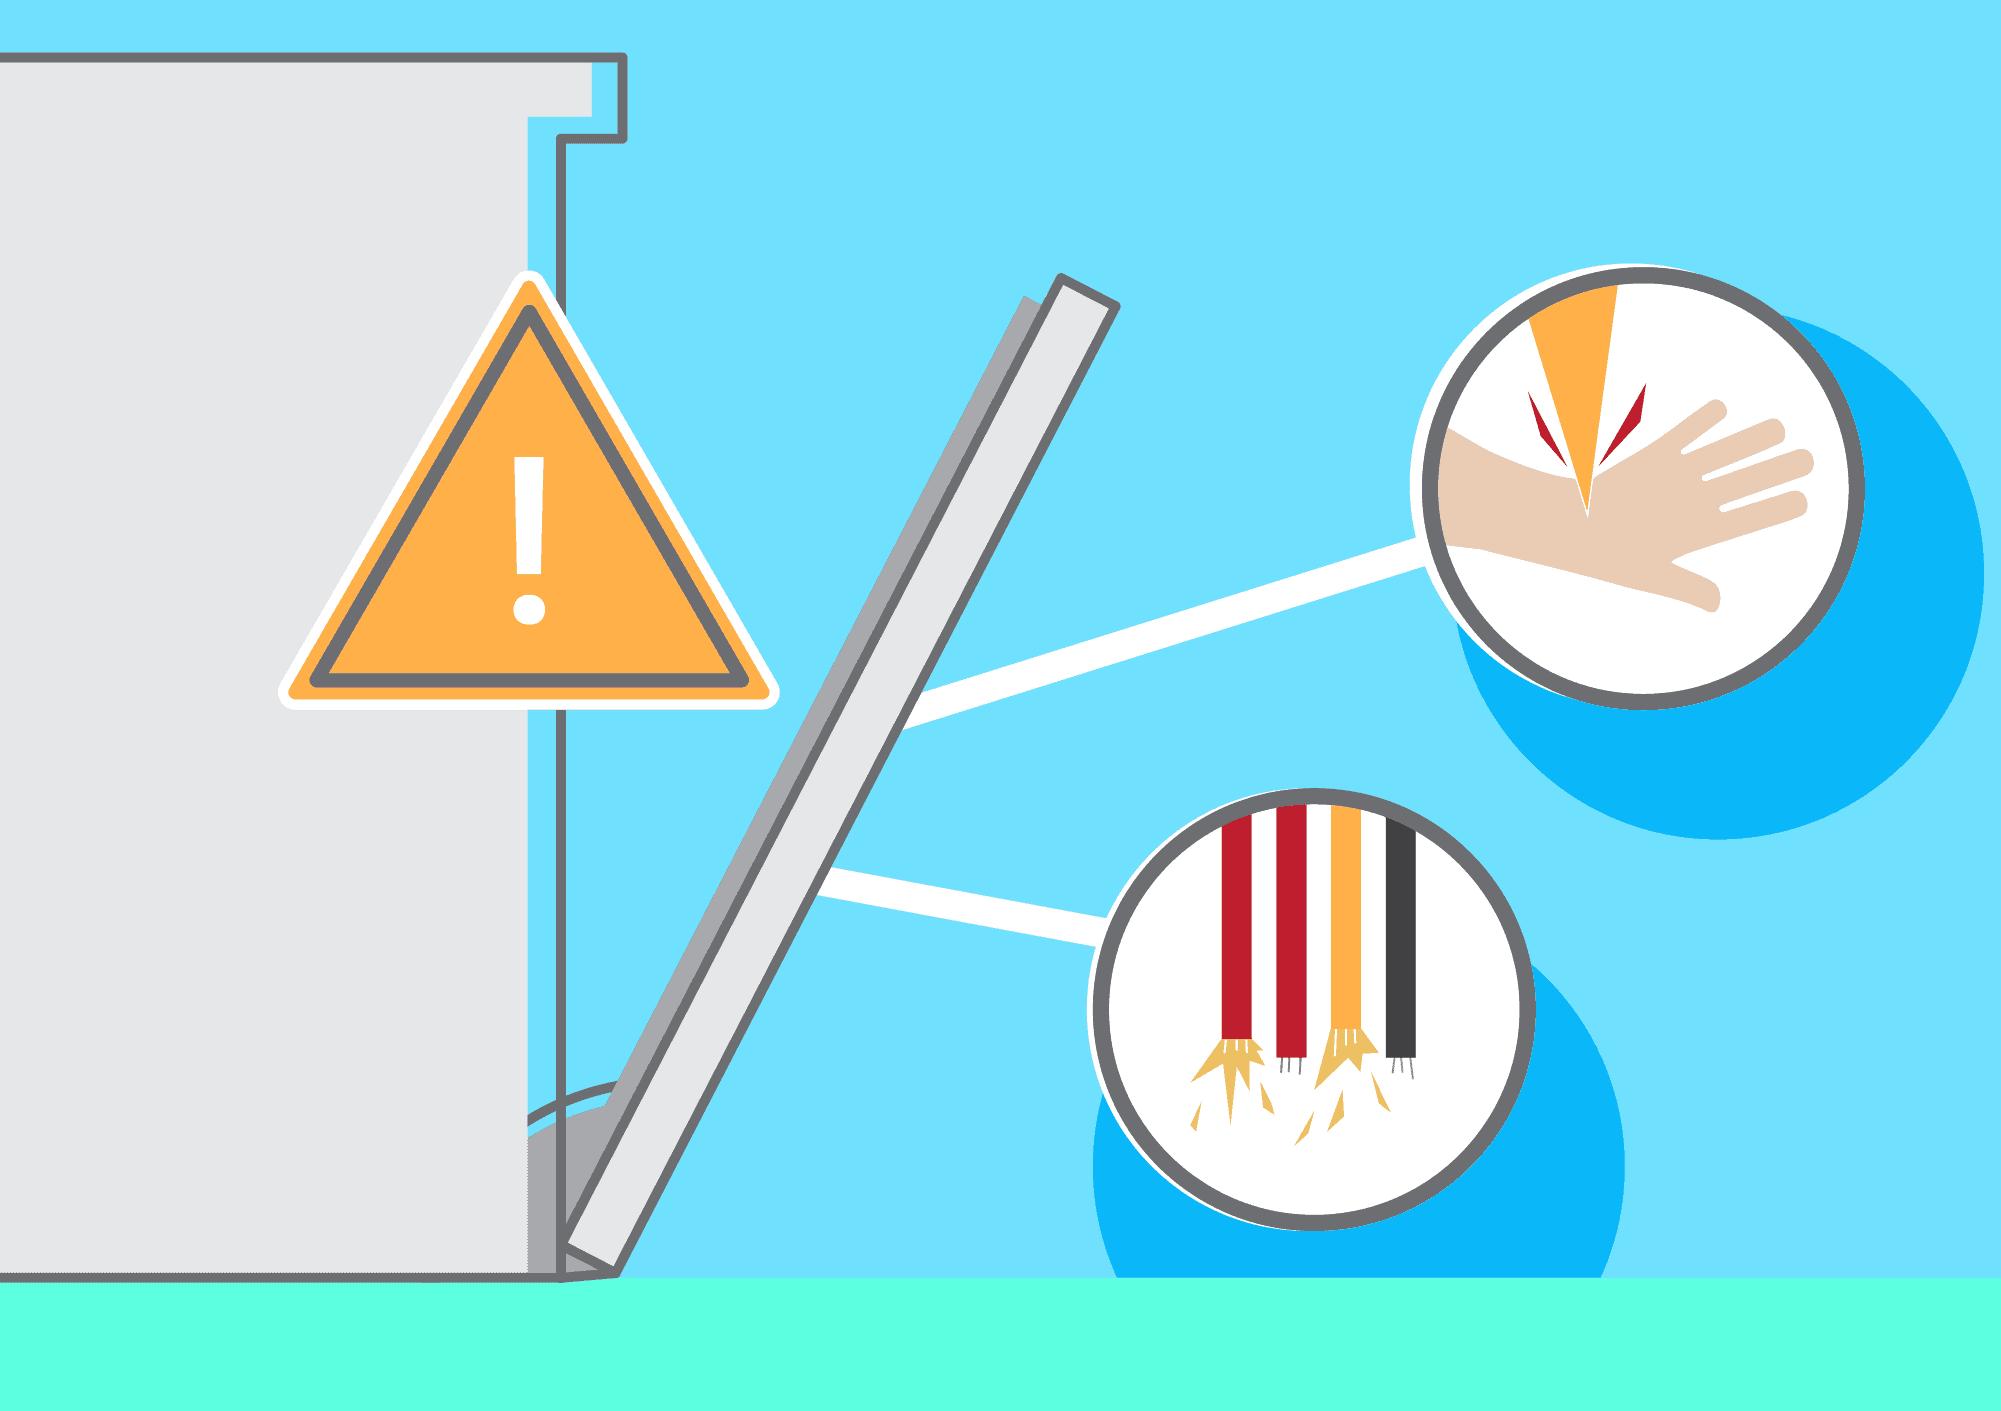 Vérifier le bon fonctionnement de la prise électrique